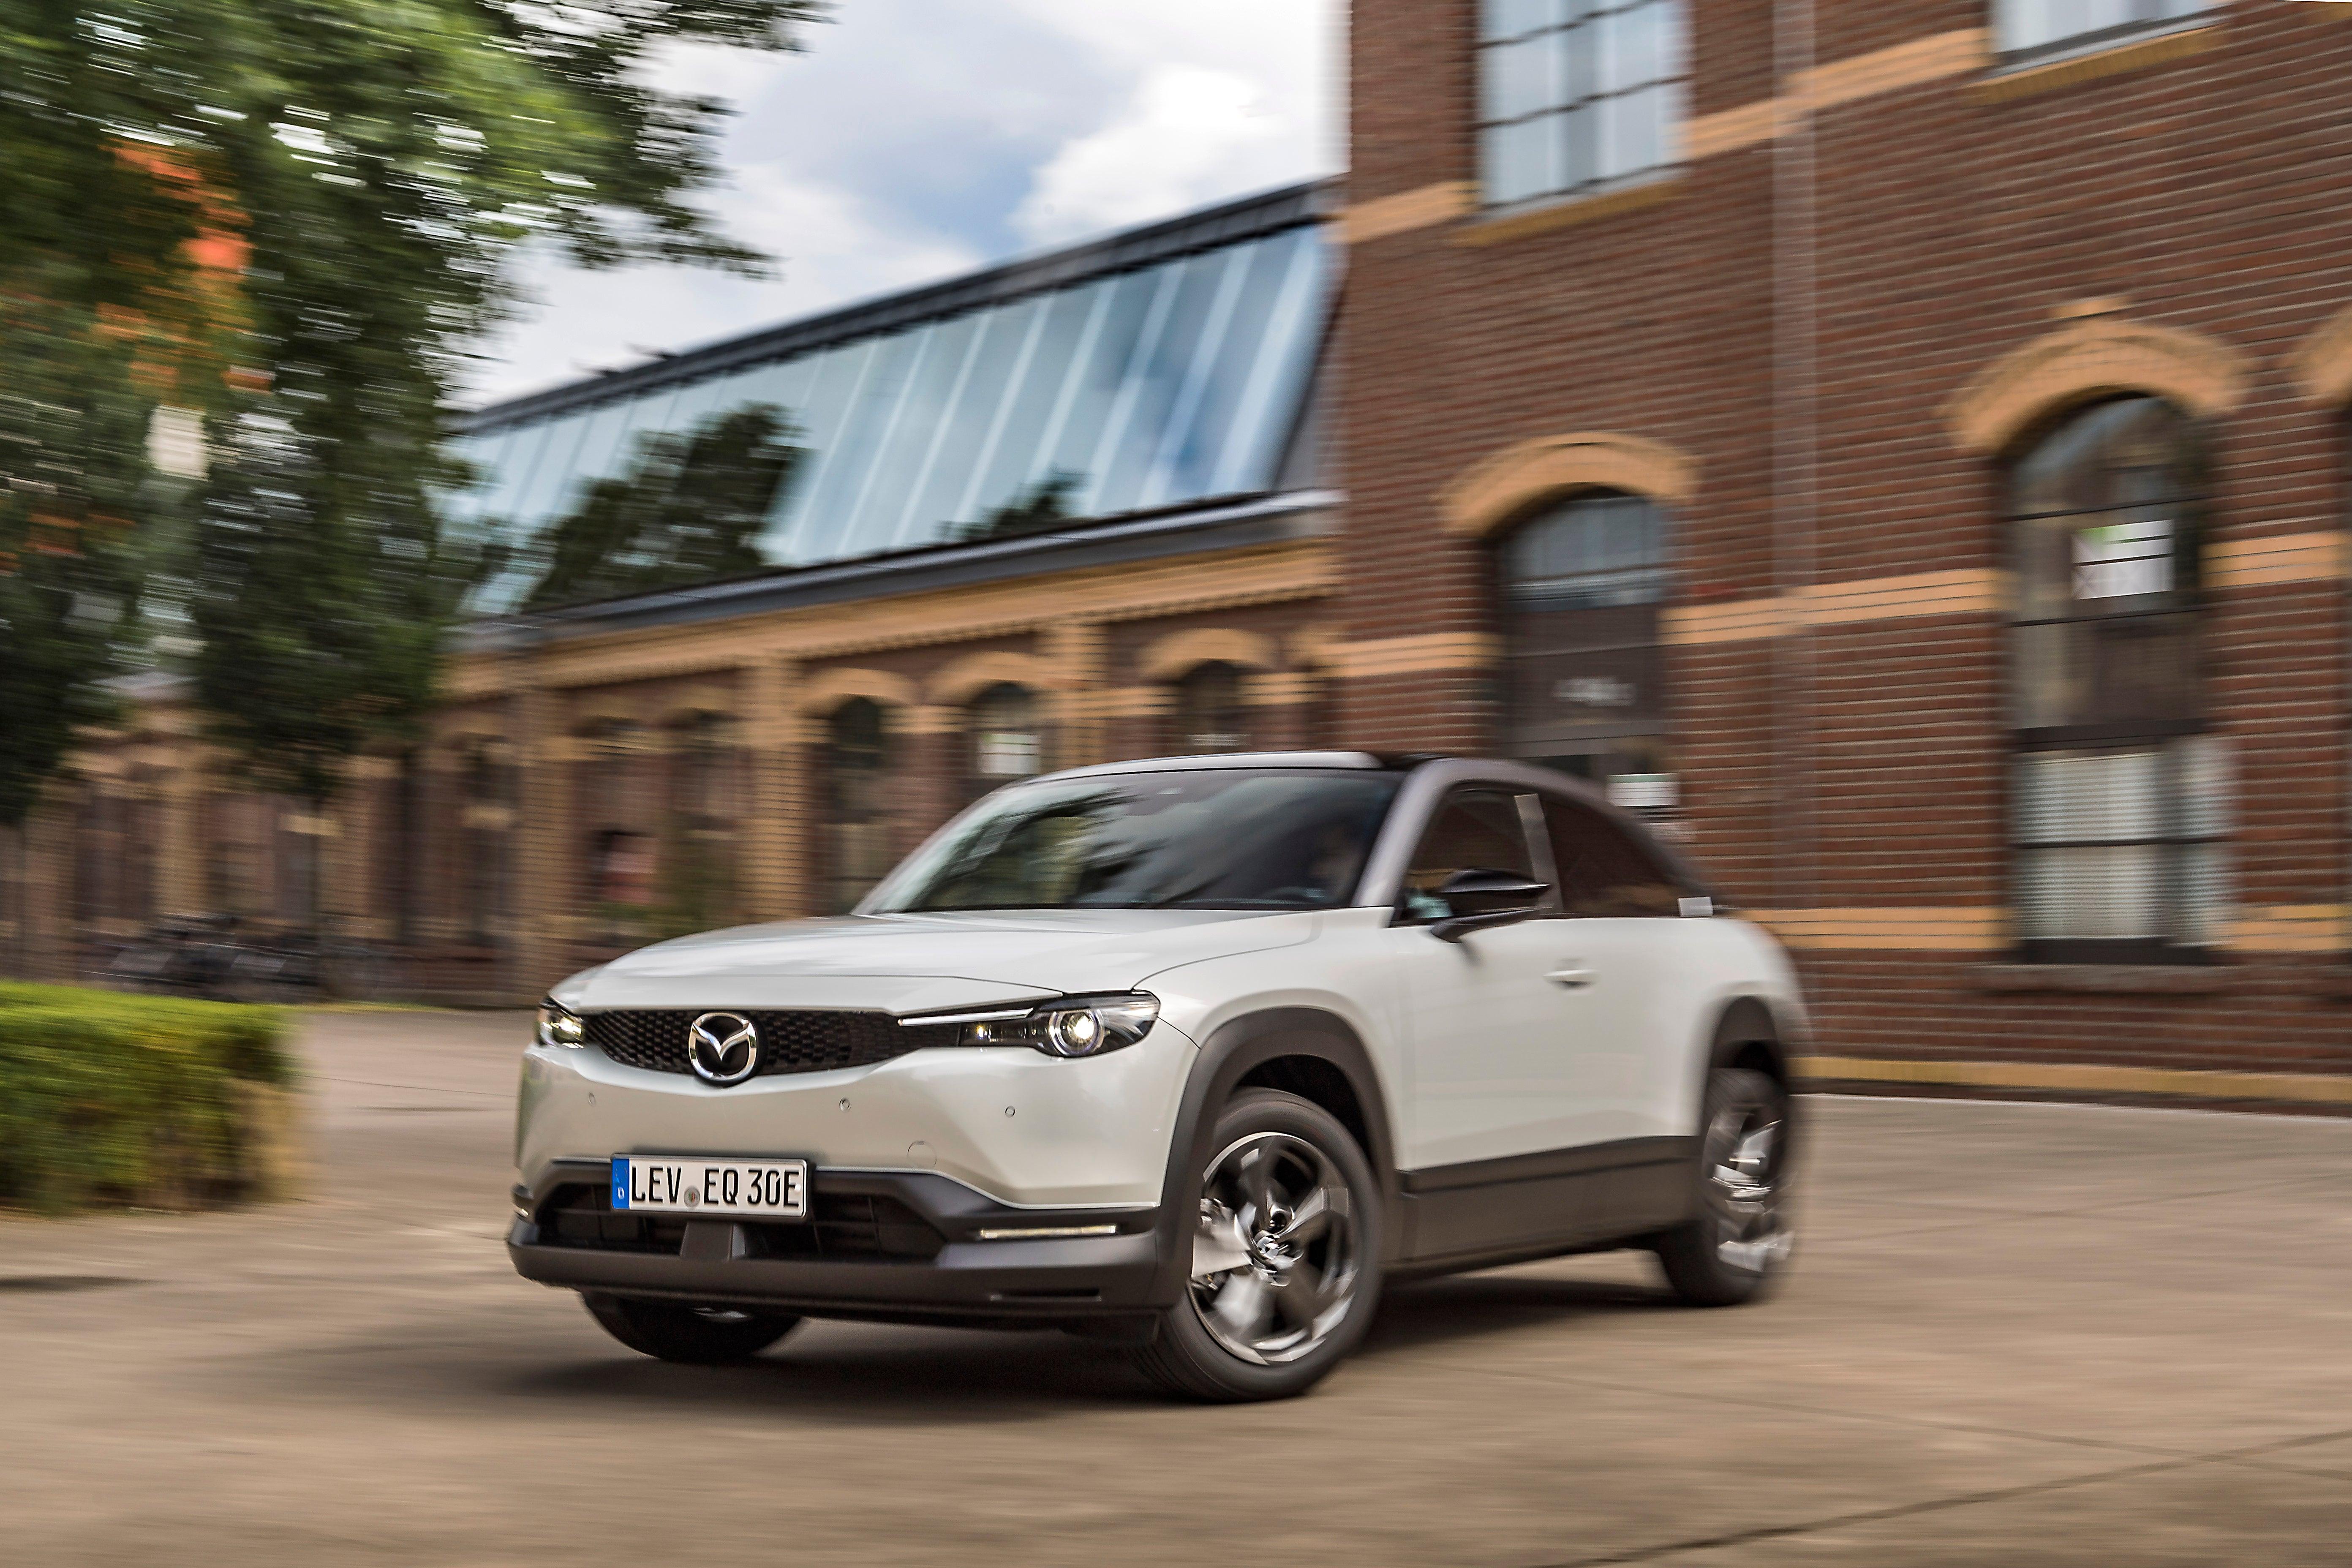 Mazda Entwicklungschef: Der Wankelmotor ist perfekt für die Verbrennung von Wasserstoff